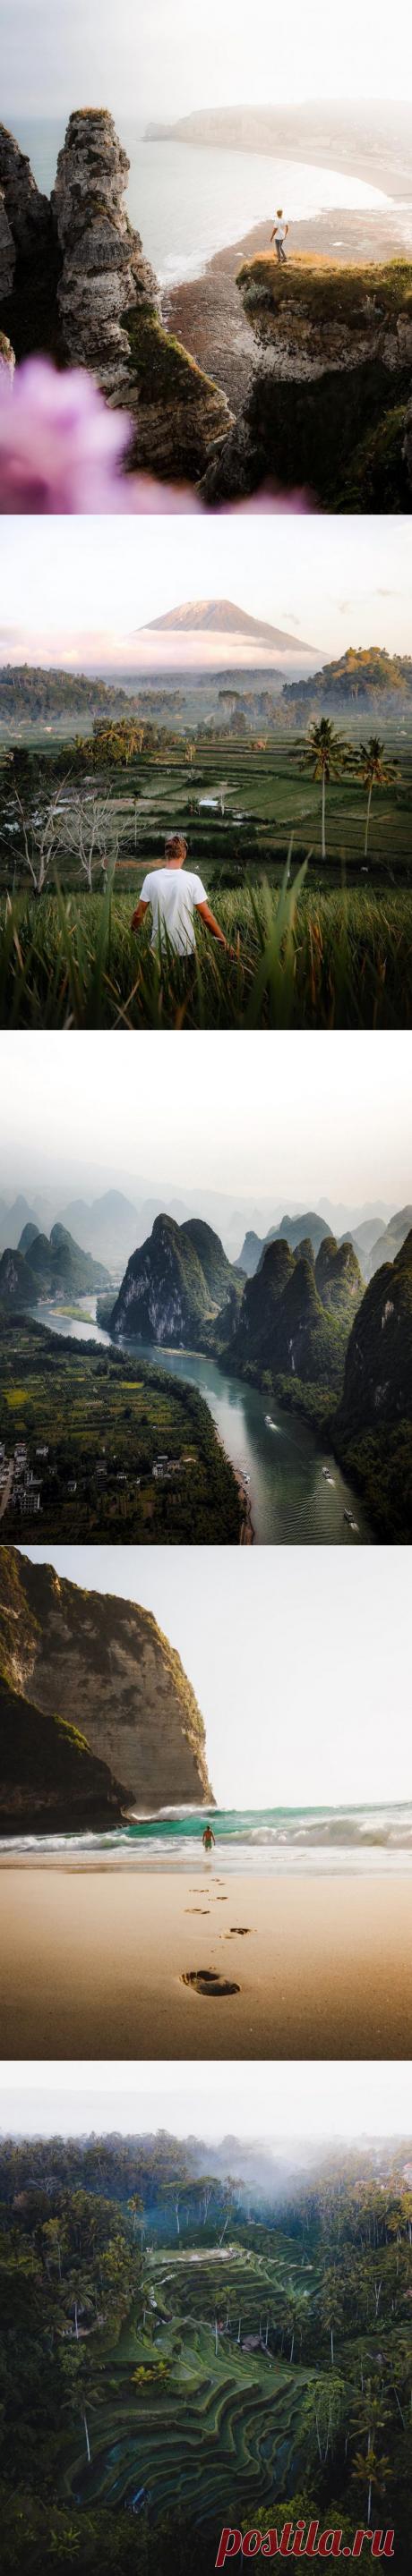 Лучшие пейзажи планеты / Туристический спутник